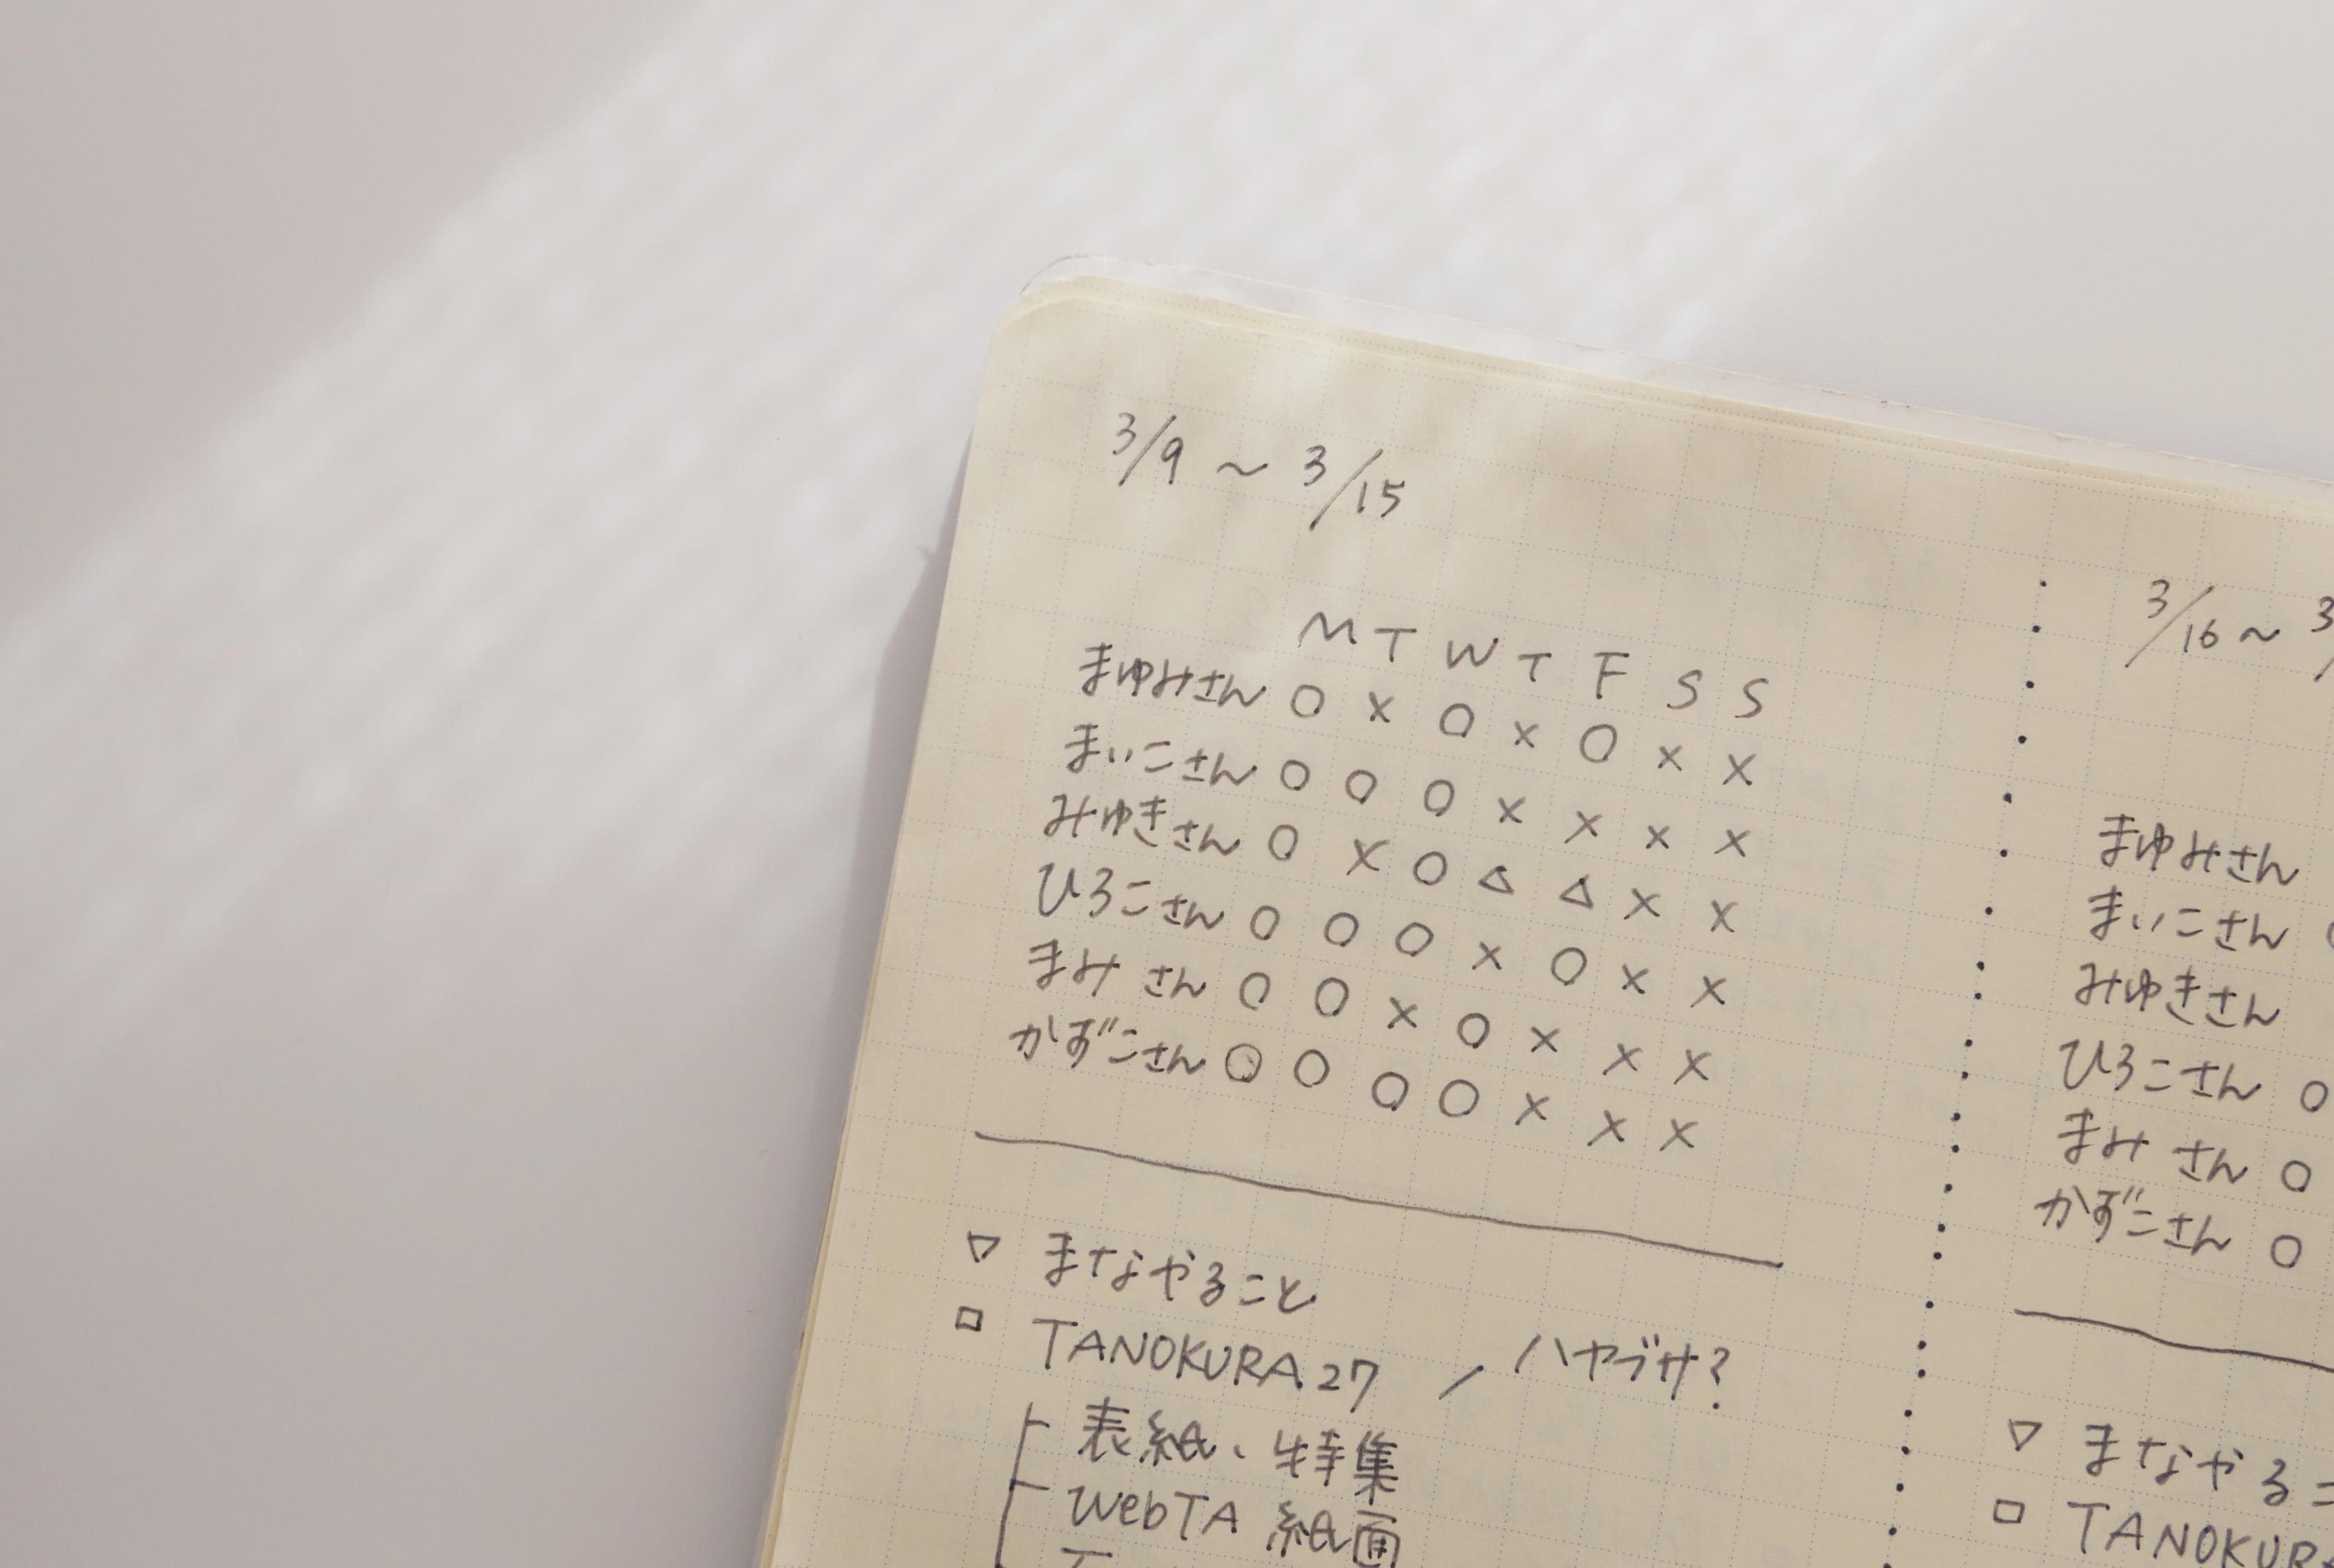 https://tano-kura.net/wp-content/uploads/2020/03/P1070573.jpg